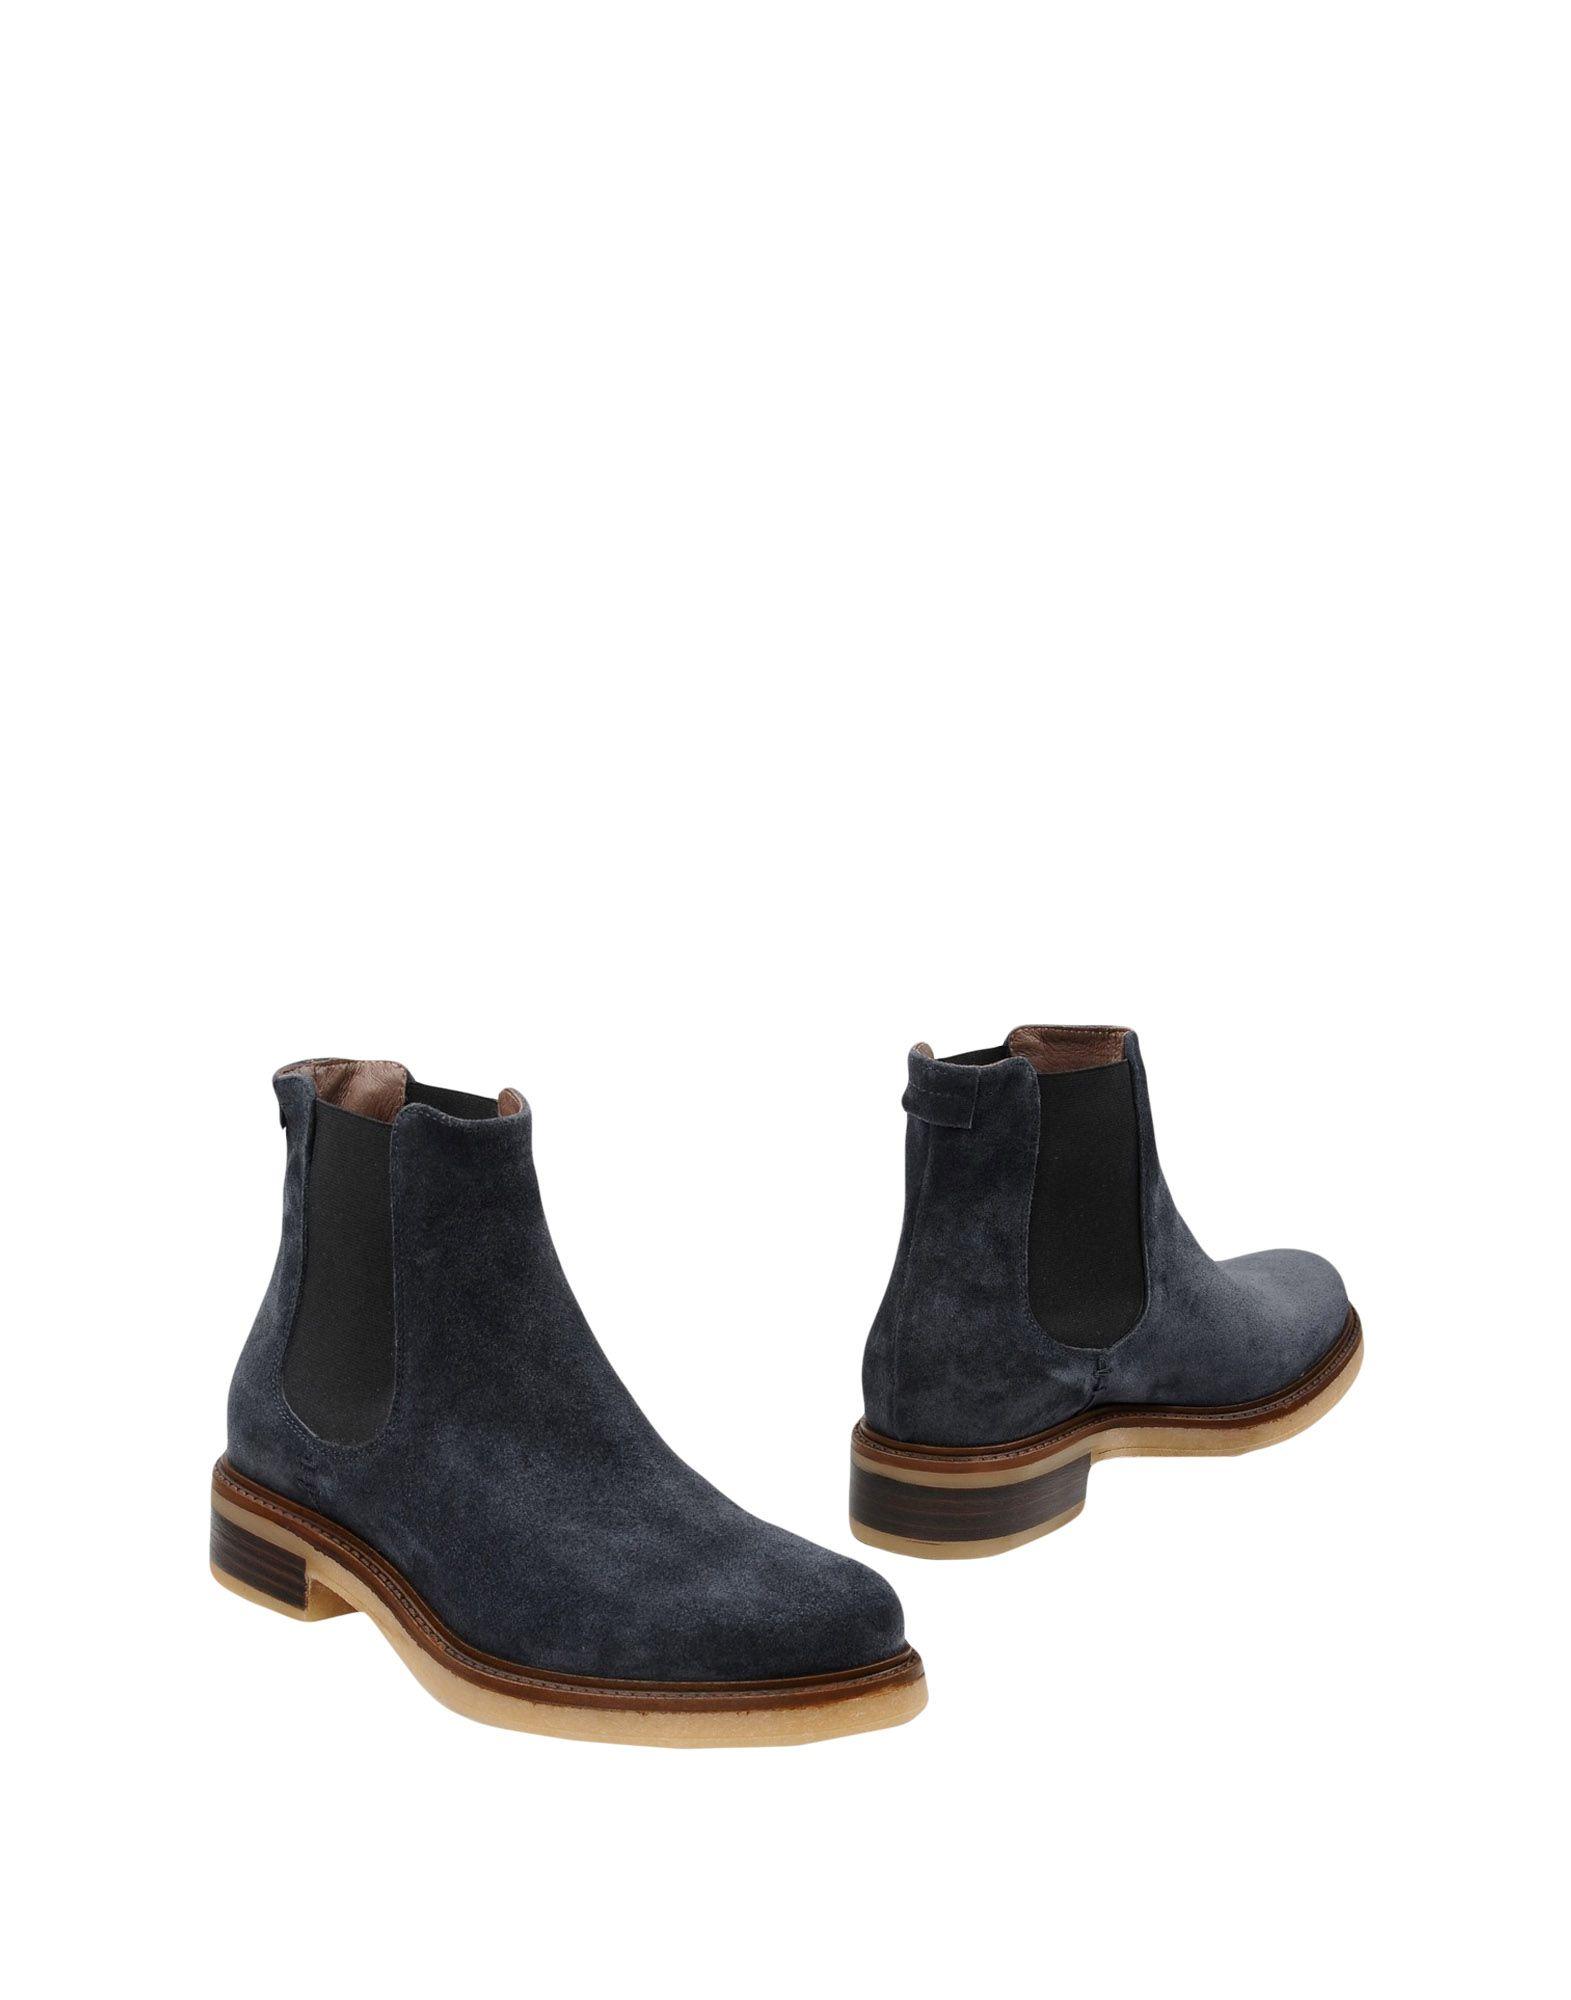 Bottillons Leonardo Principi Femme - Bottillons Leonardo Principi Bleu foncé Dernières chaussures discount pour hommes et femmes